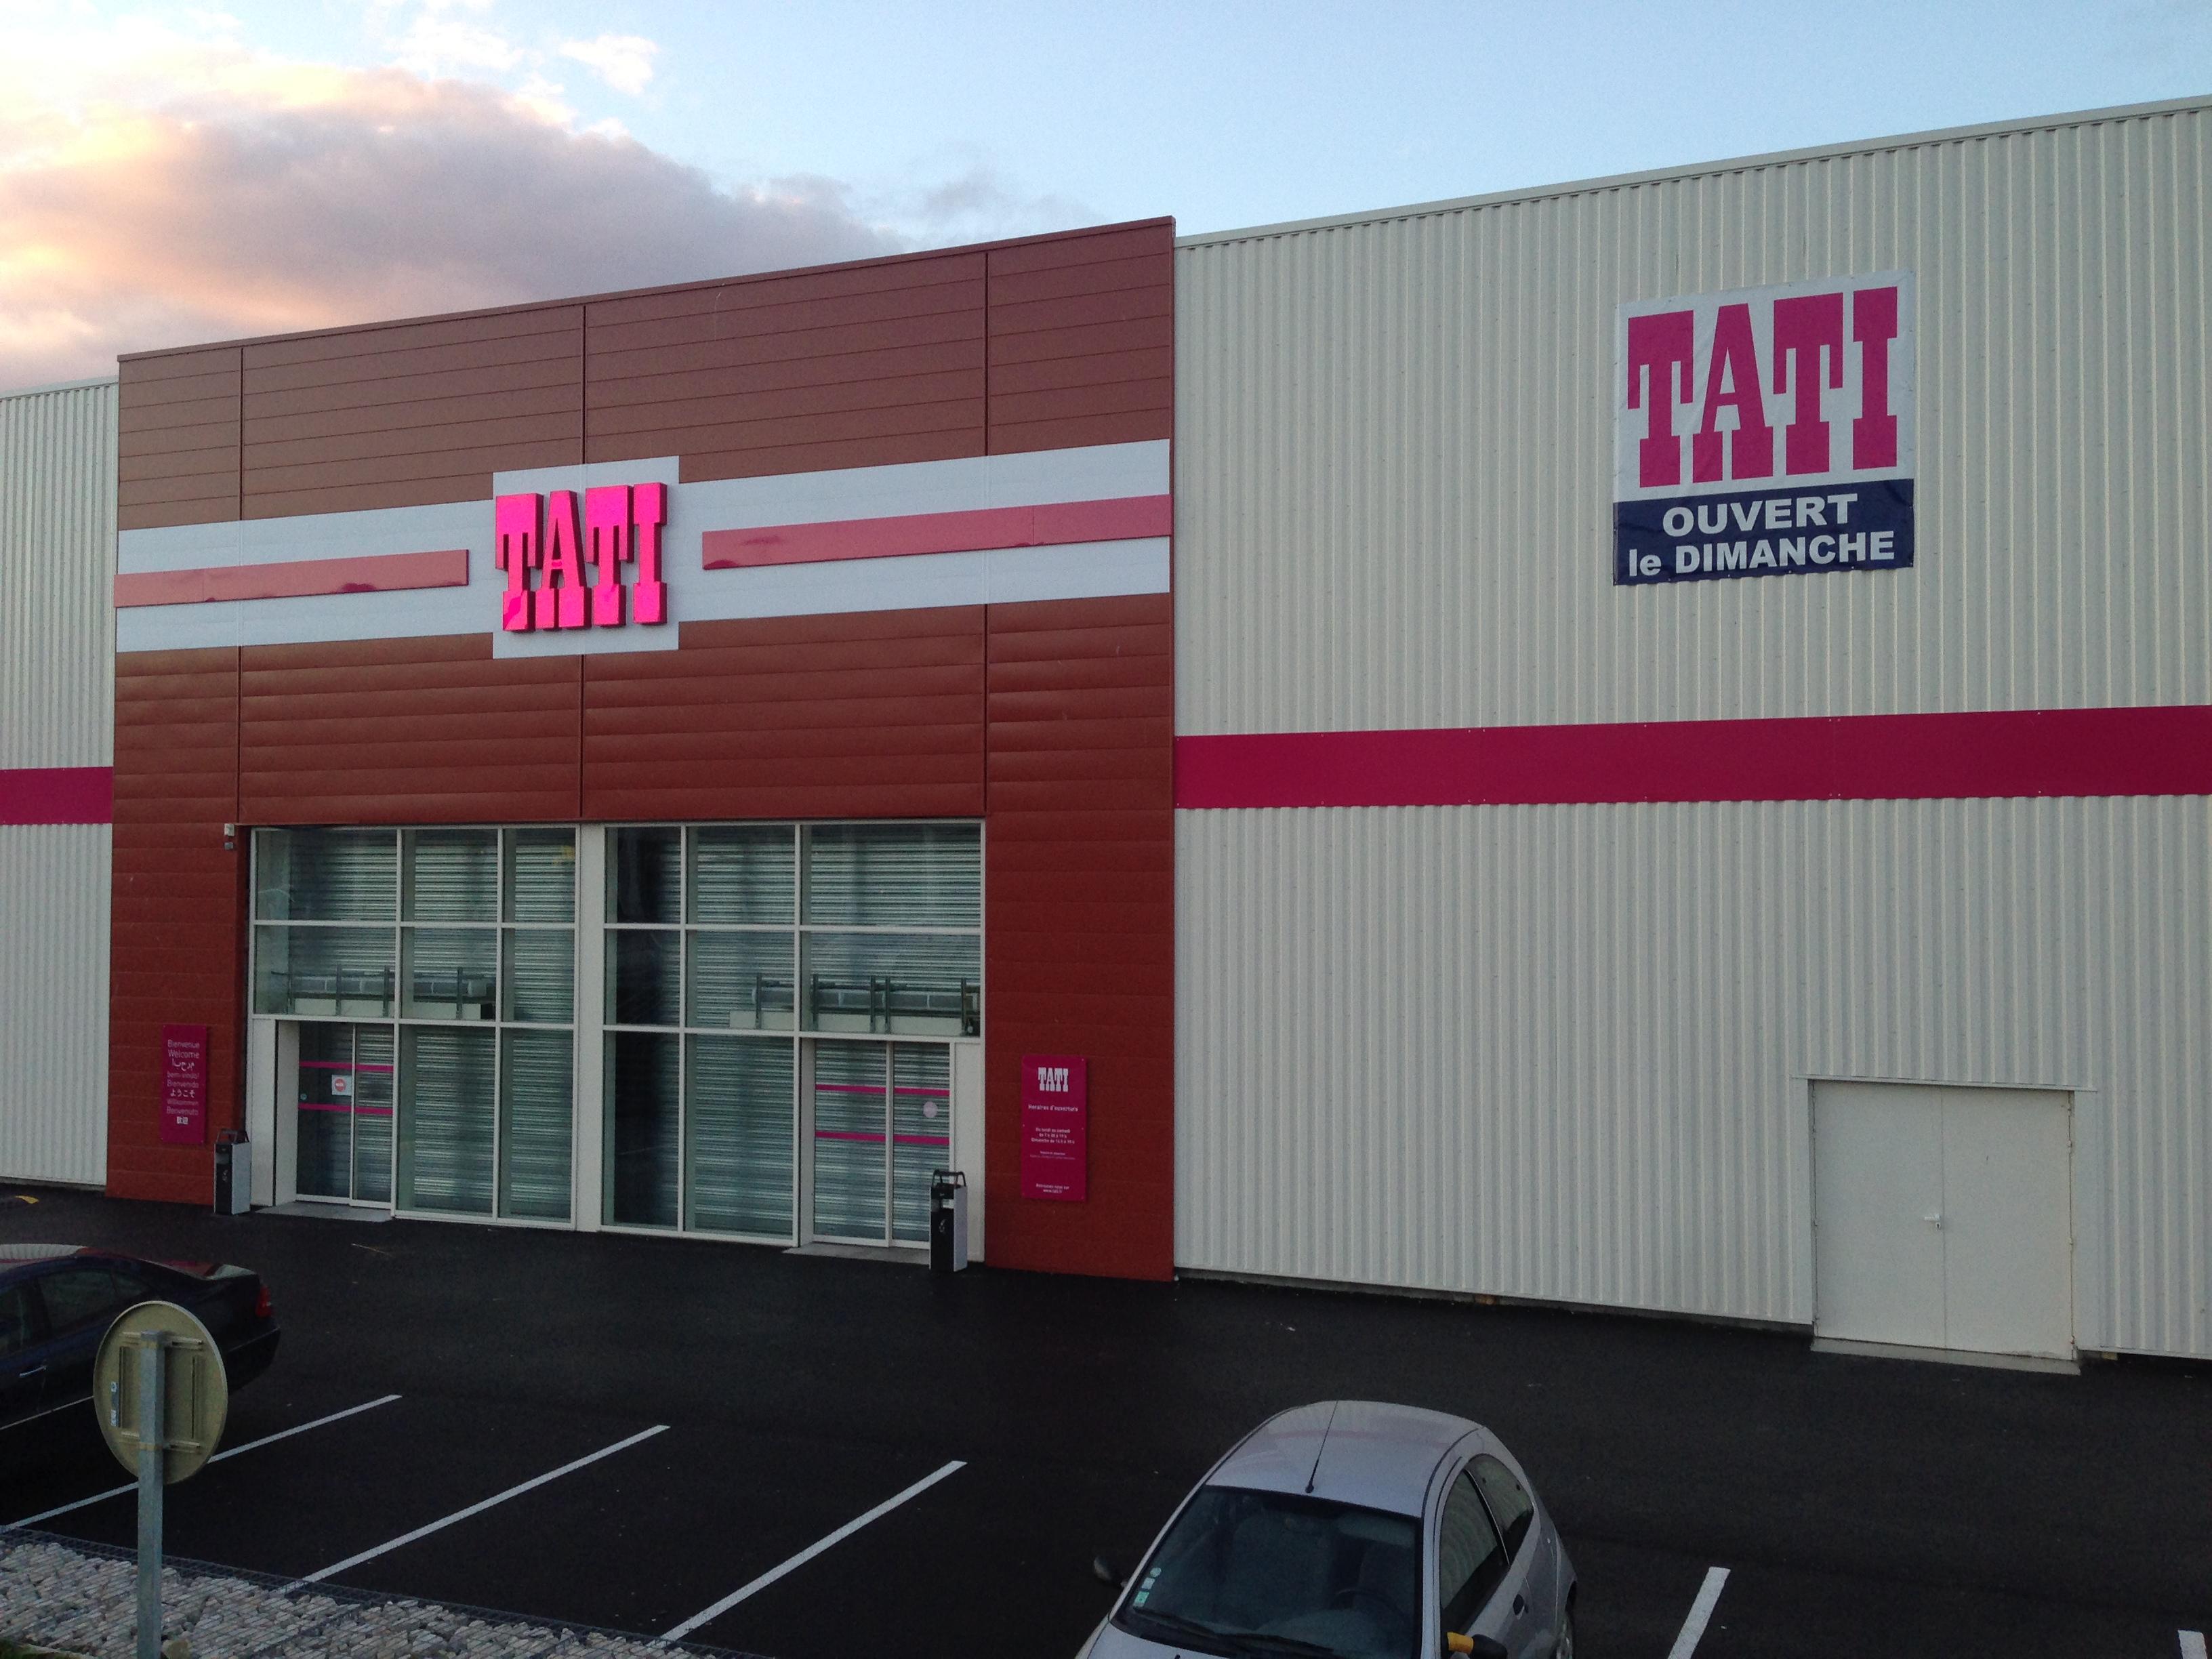 Surface commerciale tati arcade r alisations - Bureau de change cherbourg ...